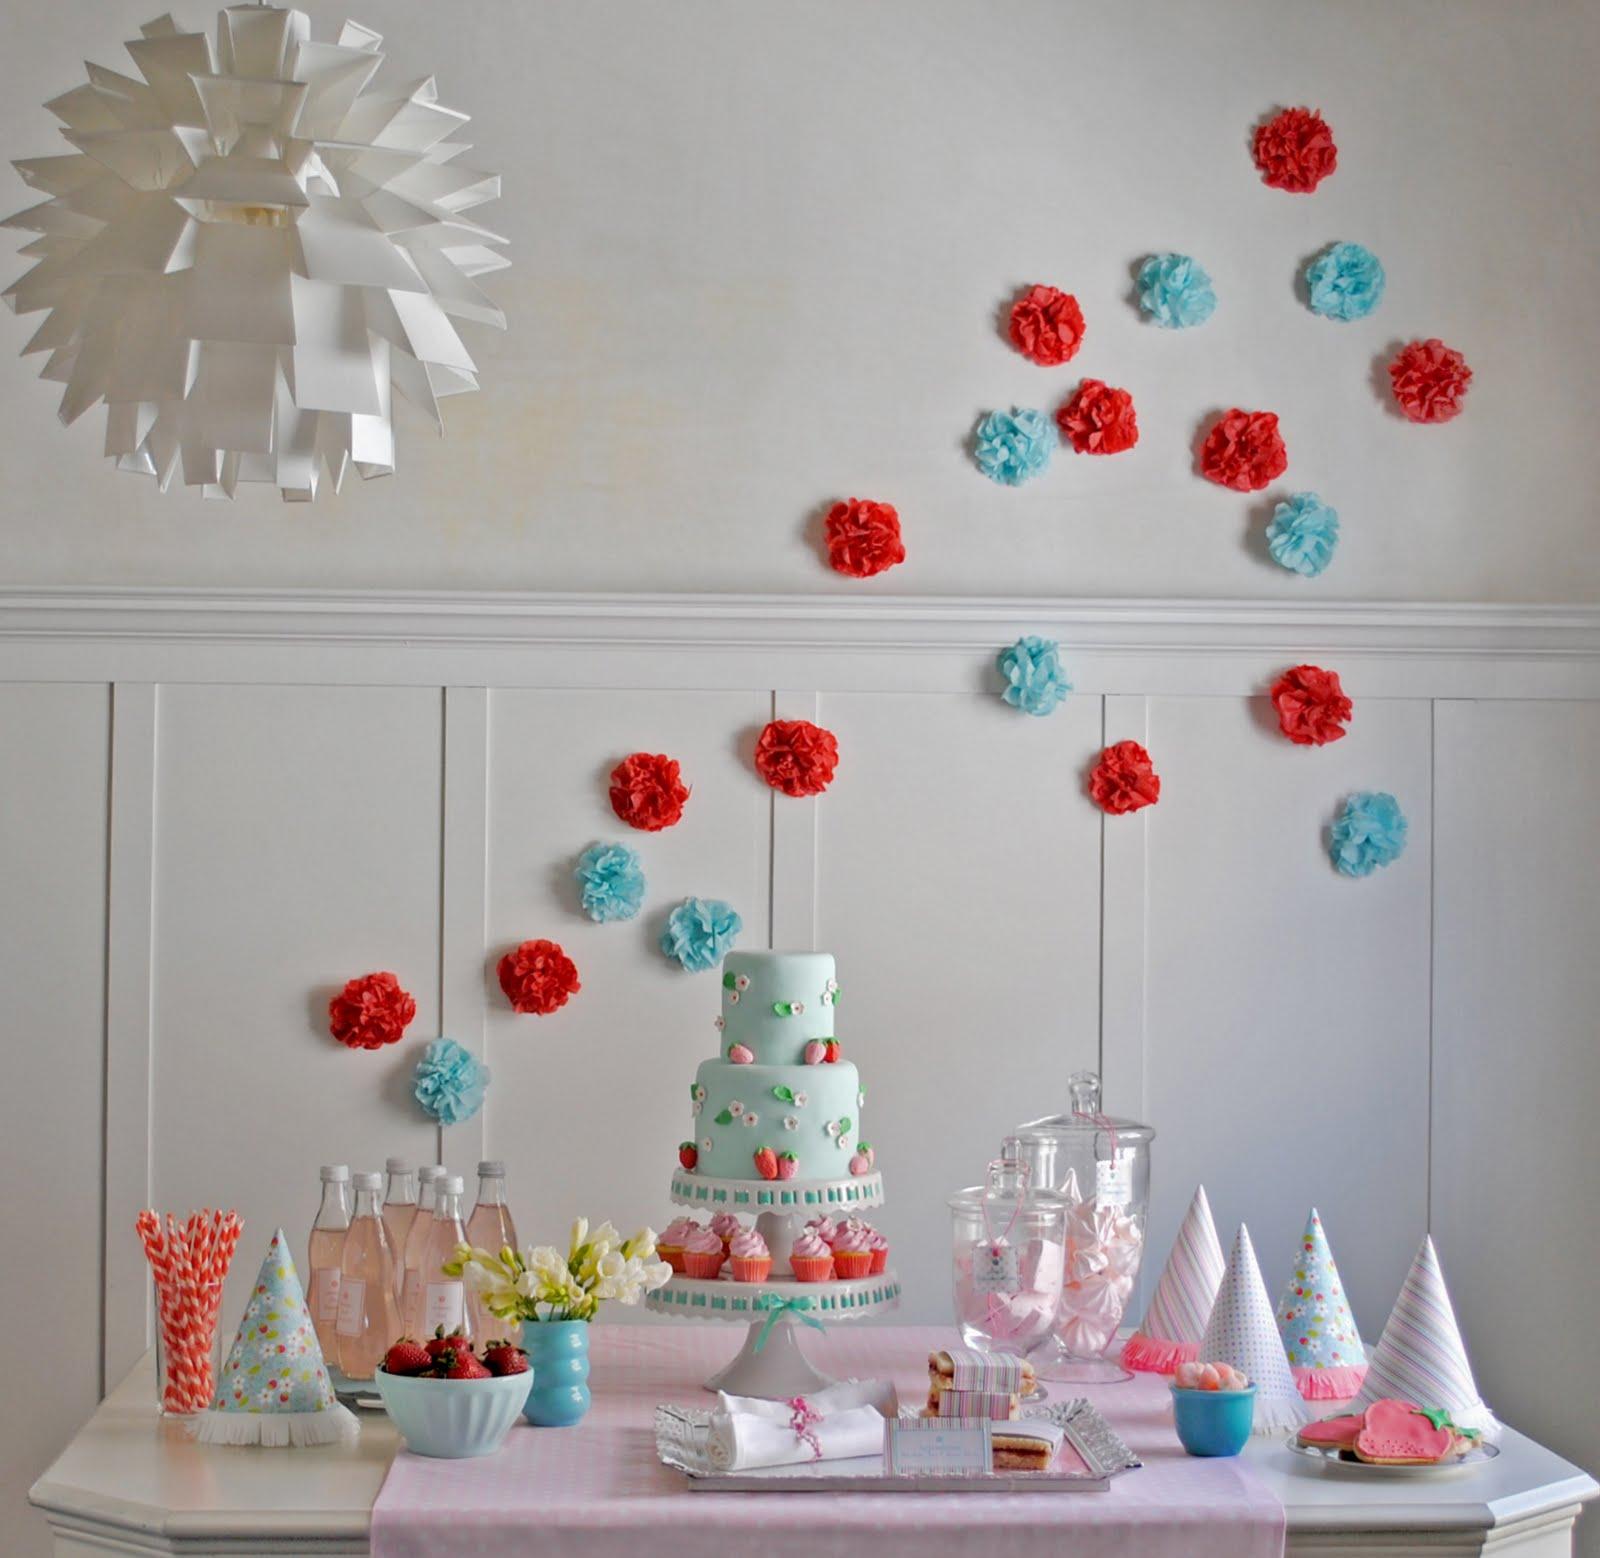 60 идей декора на день рождения ребенка своими руками 56